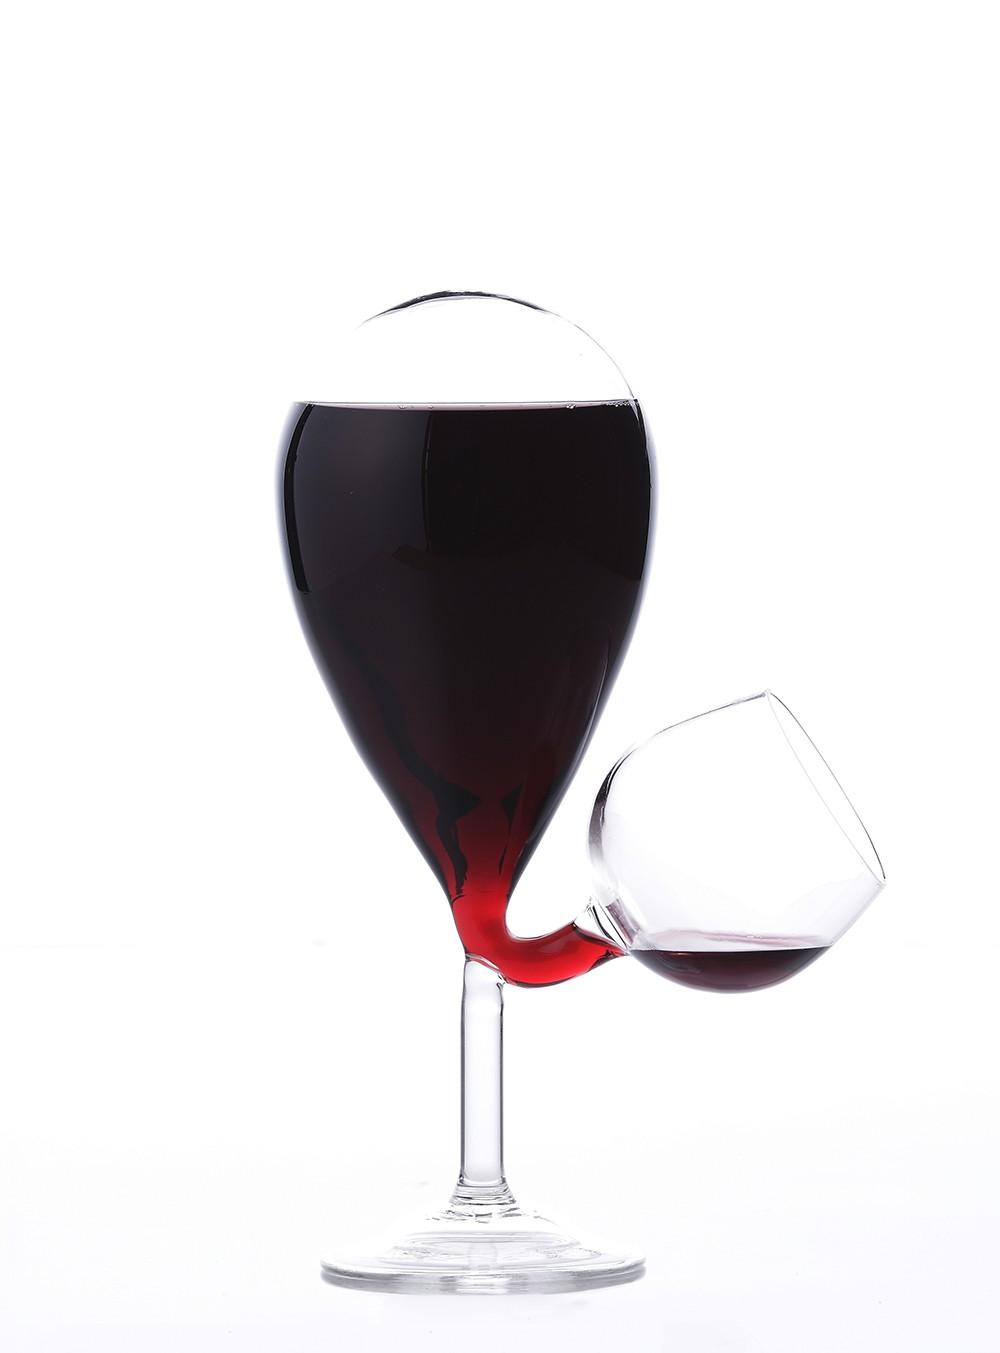 Autour du succès de la vente de vin en ligne